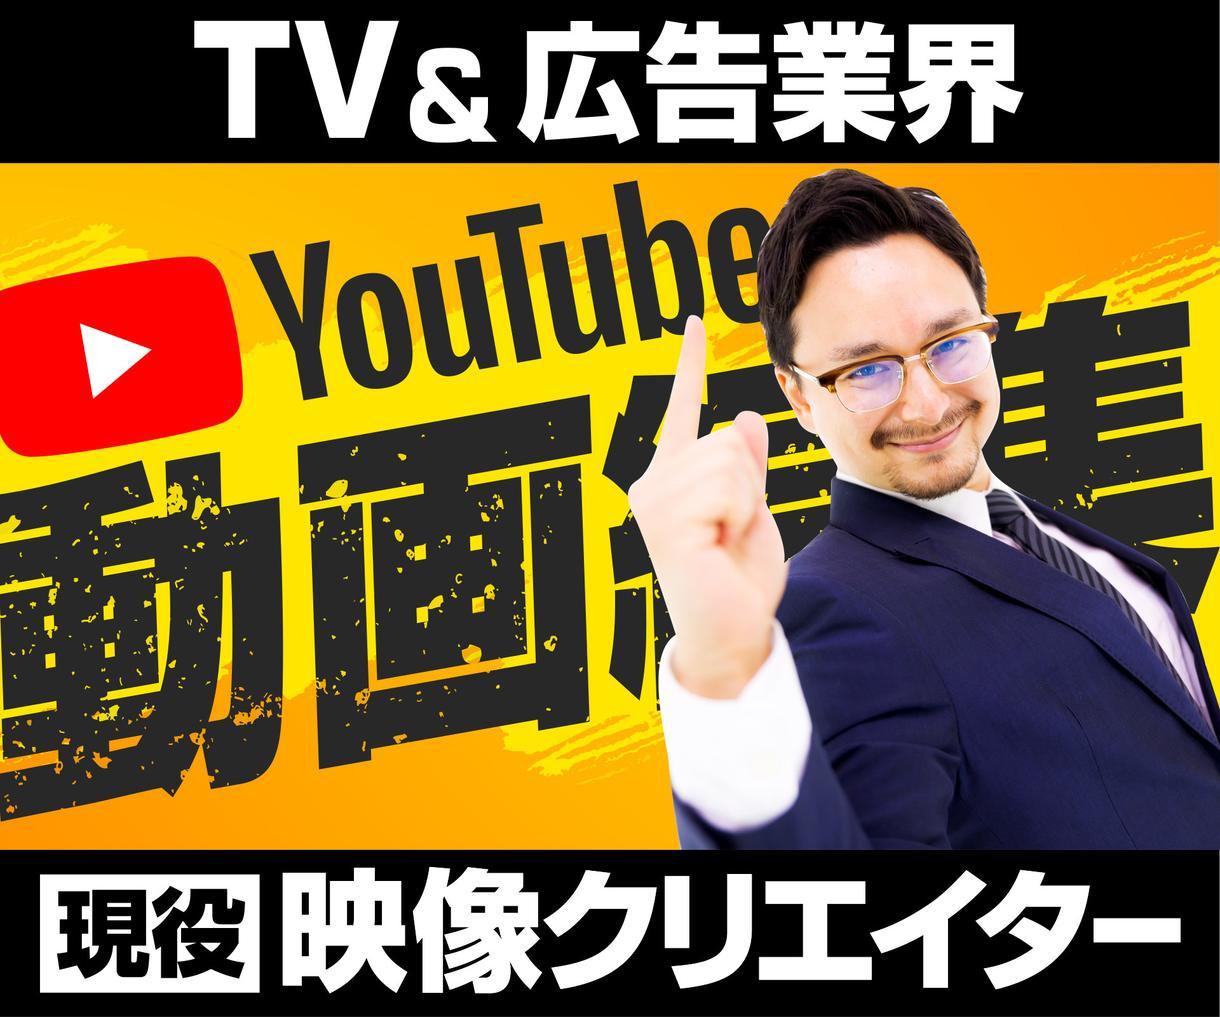 TV番組を手掛ける現役クリエイターが動画編集します クオリティの高いYouTube動画を求めている方に! イメージ1